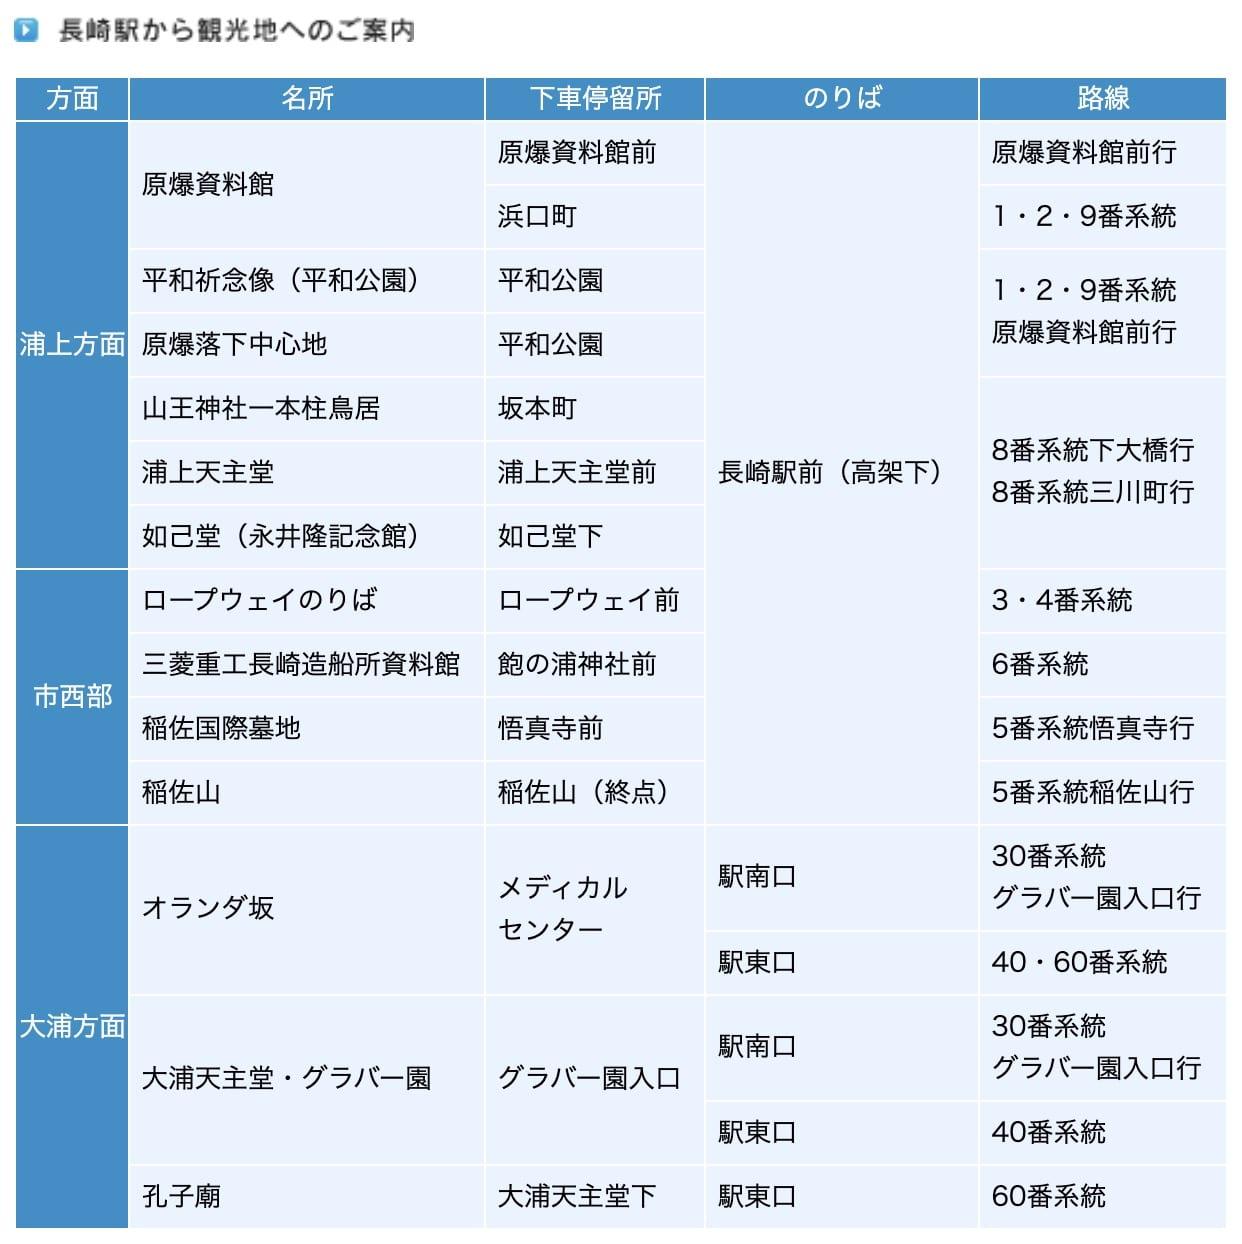 長崎交通|長崎路面電車、長崎巴士、長崎縣營巴士、JR九州鐵路